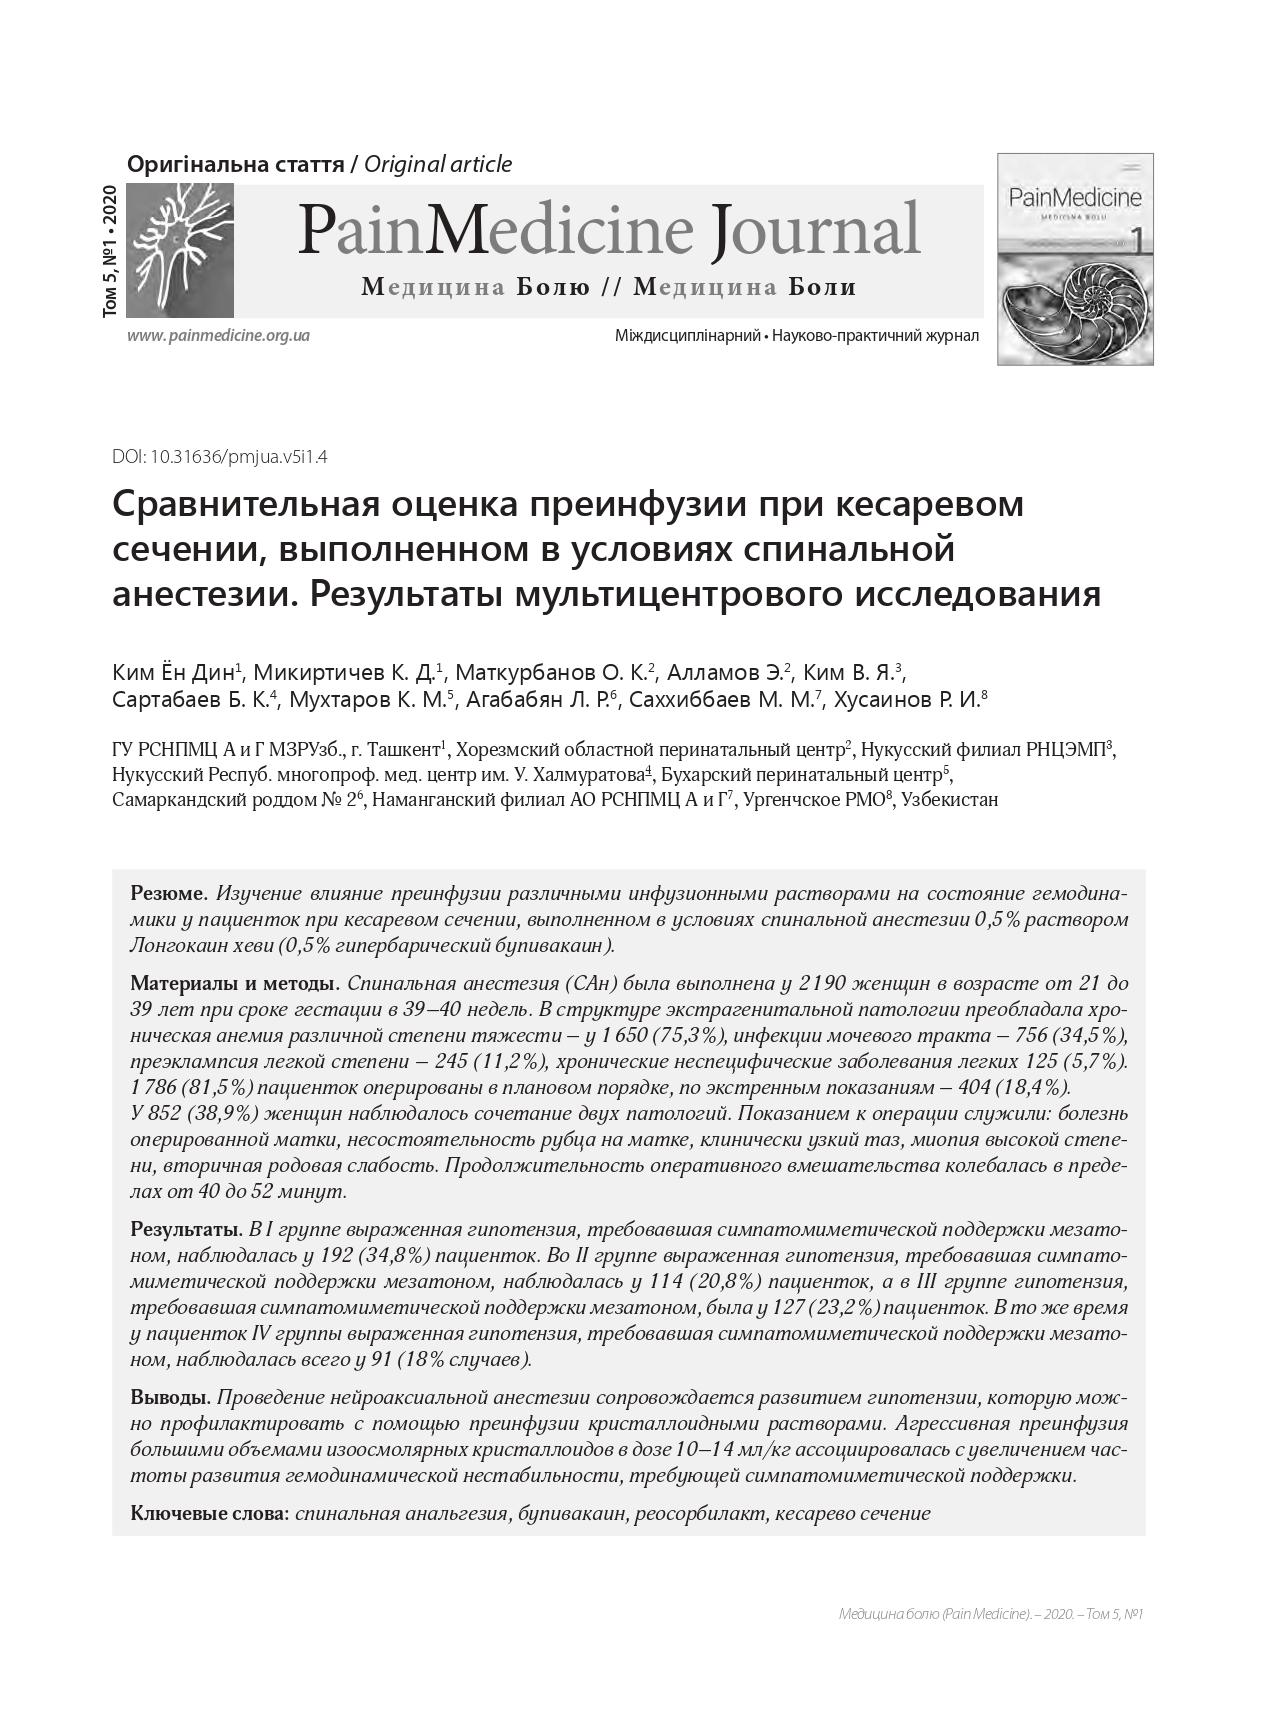 Сравнительная оценка преинфузии при кесаревом сечении, выполненном в условиях спинальной анестезии. Результаты мультицентрового исследования